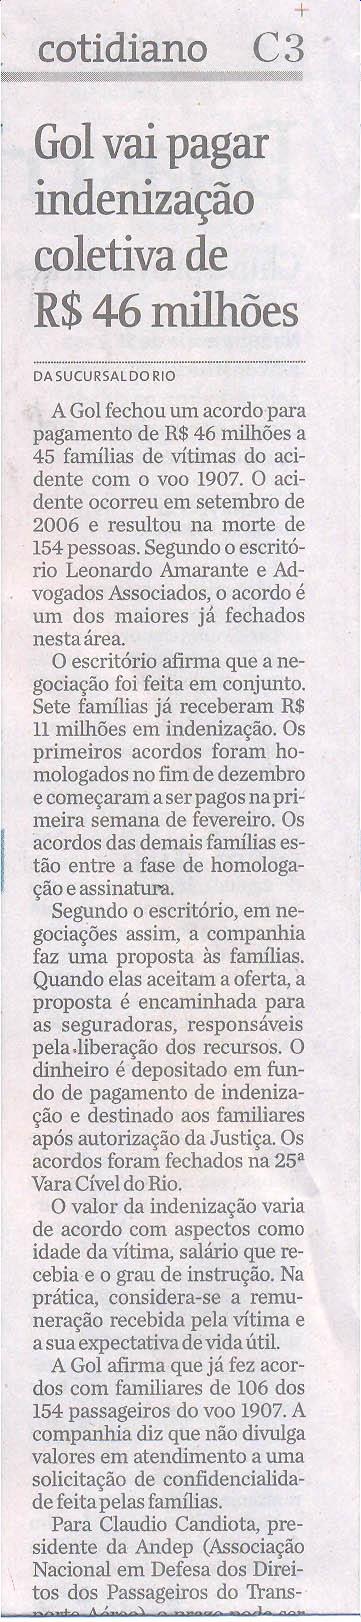 27_02_2009_folha_01.jpg